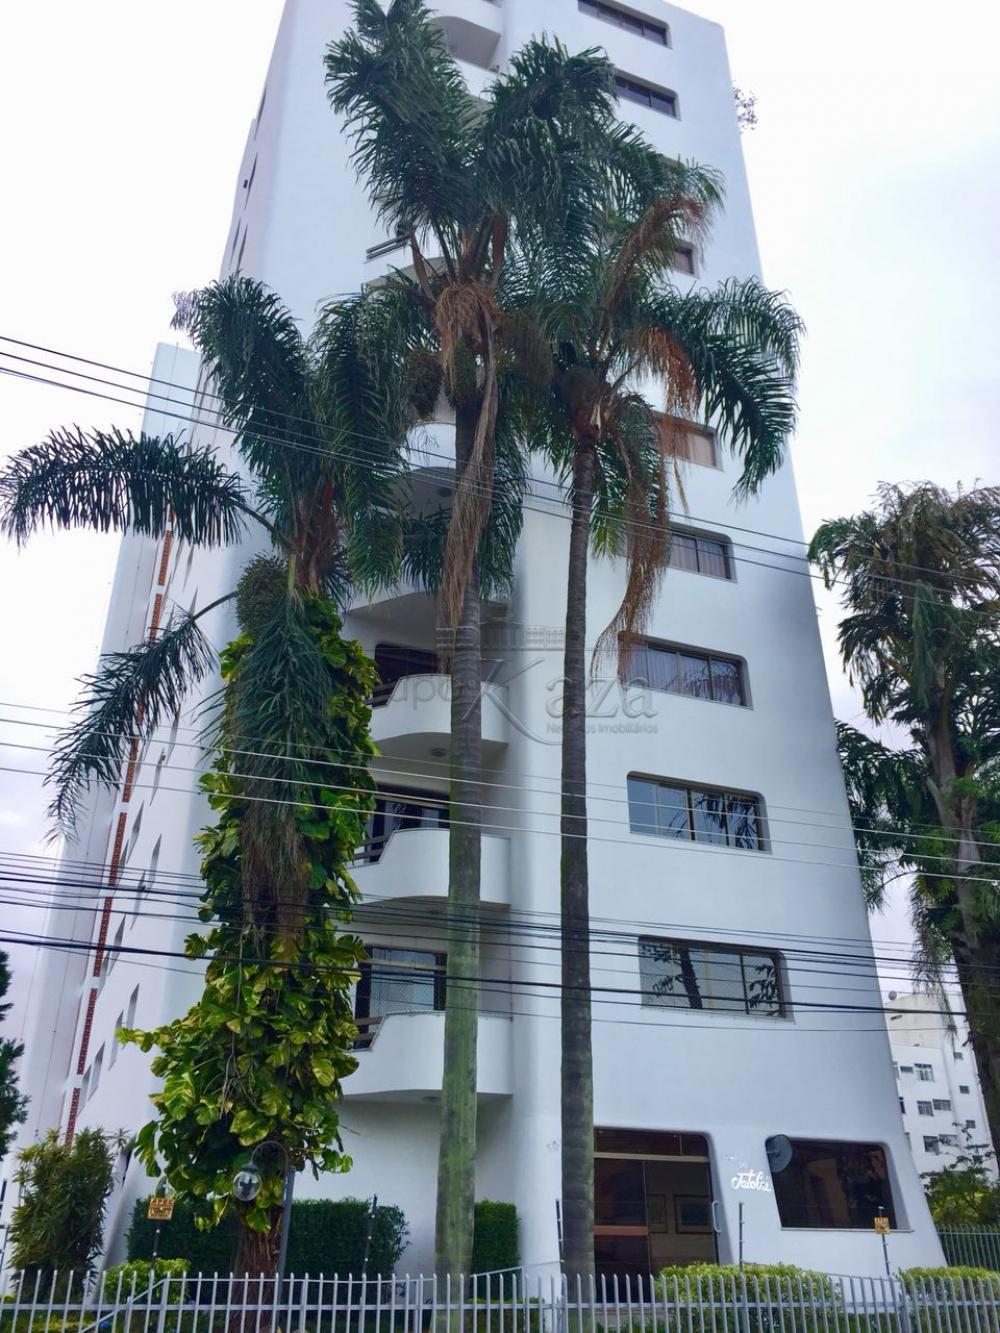 Sao Jose dos Campos Apartamento Venda R$1.750.000,00 Condominio R$2.700,00 5 Dormitorios 3 Suites Area construida 600.00m2